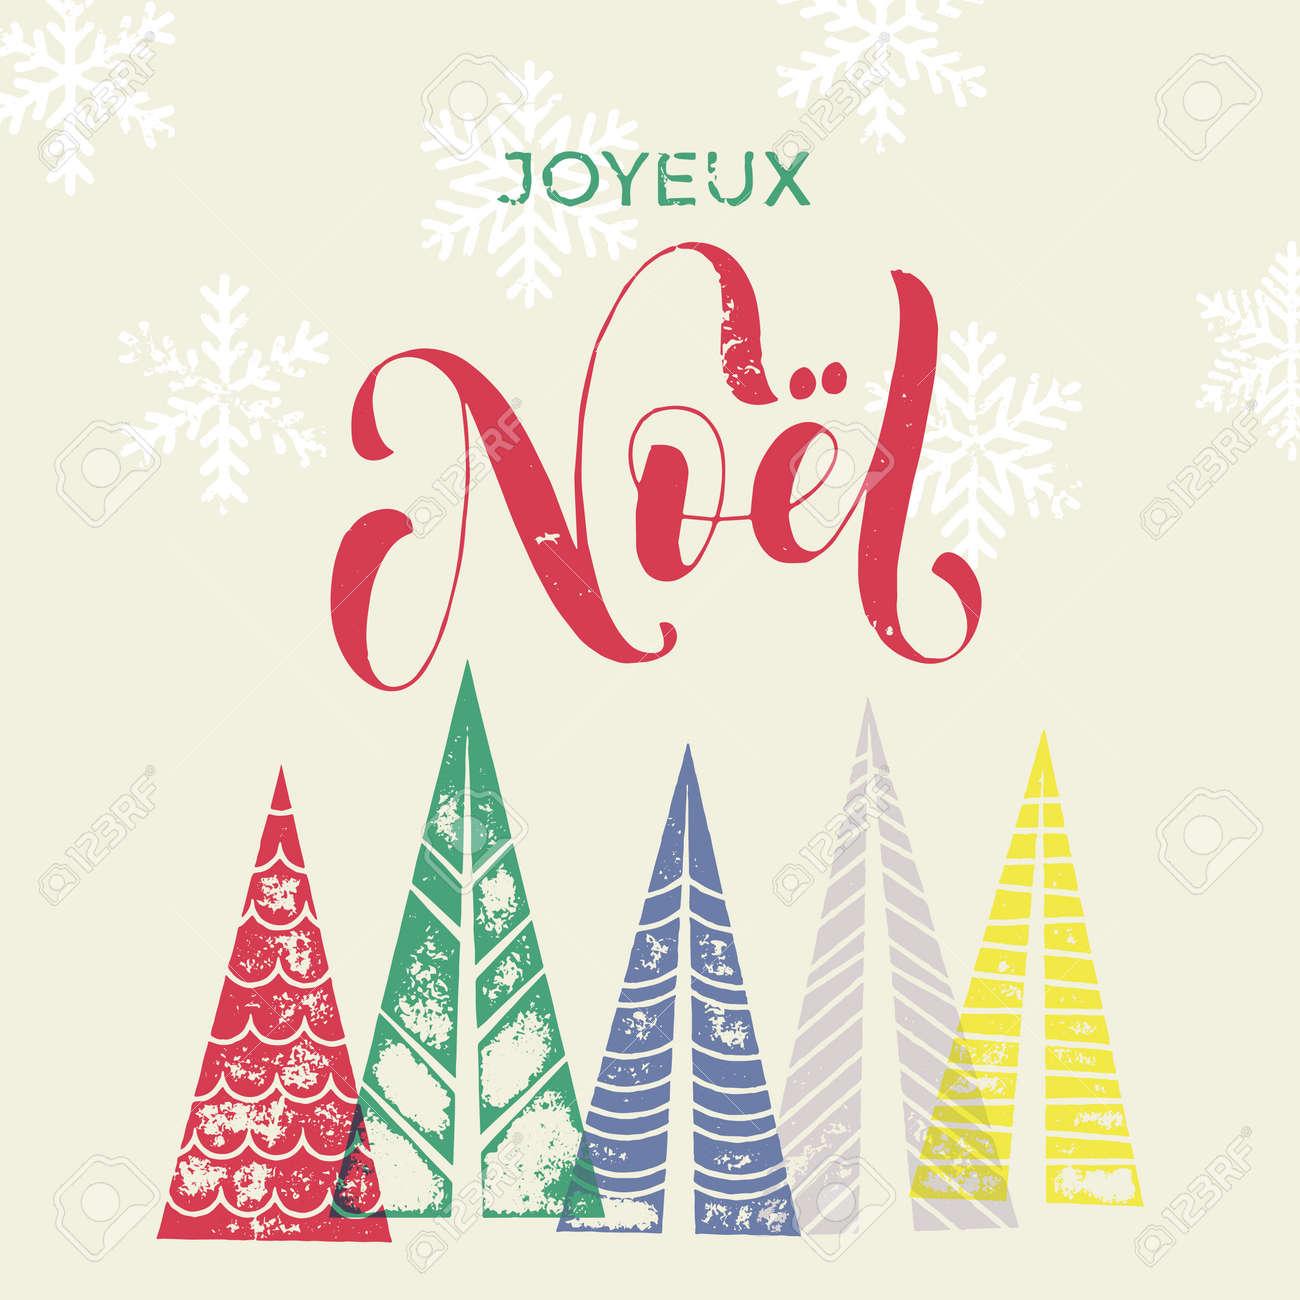 Auguri Di Buon Natale Francese.Priorita Bassa Della Foresta Di Inverno Con Alberi Di Natale Per La Cartolina D Auguri Francese Joyeux Noel Francia Buon Natale Biglietto Di Auguri